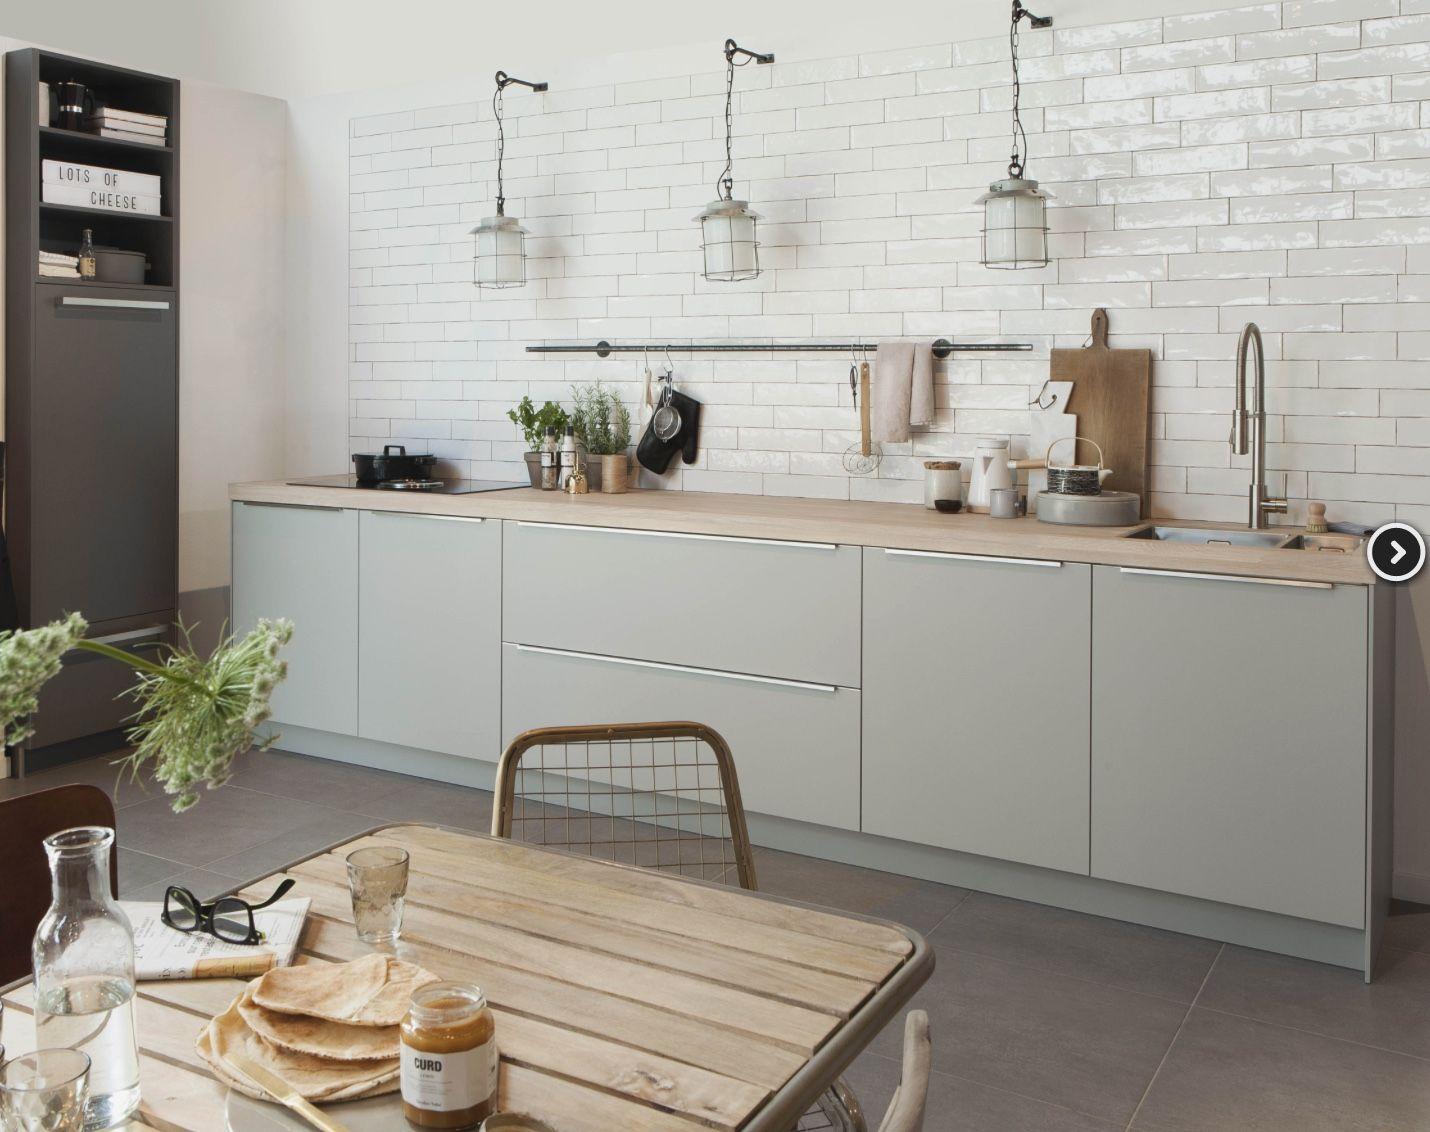 Grando Keukens Amsterdam : Idee voor kleur frontjes en tegeltjes daarboven grando keukens